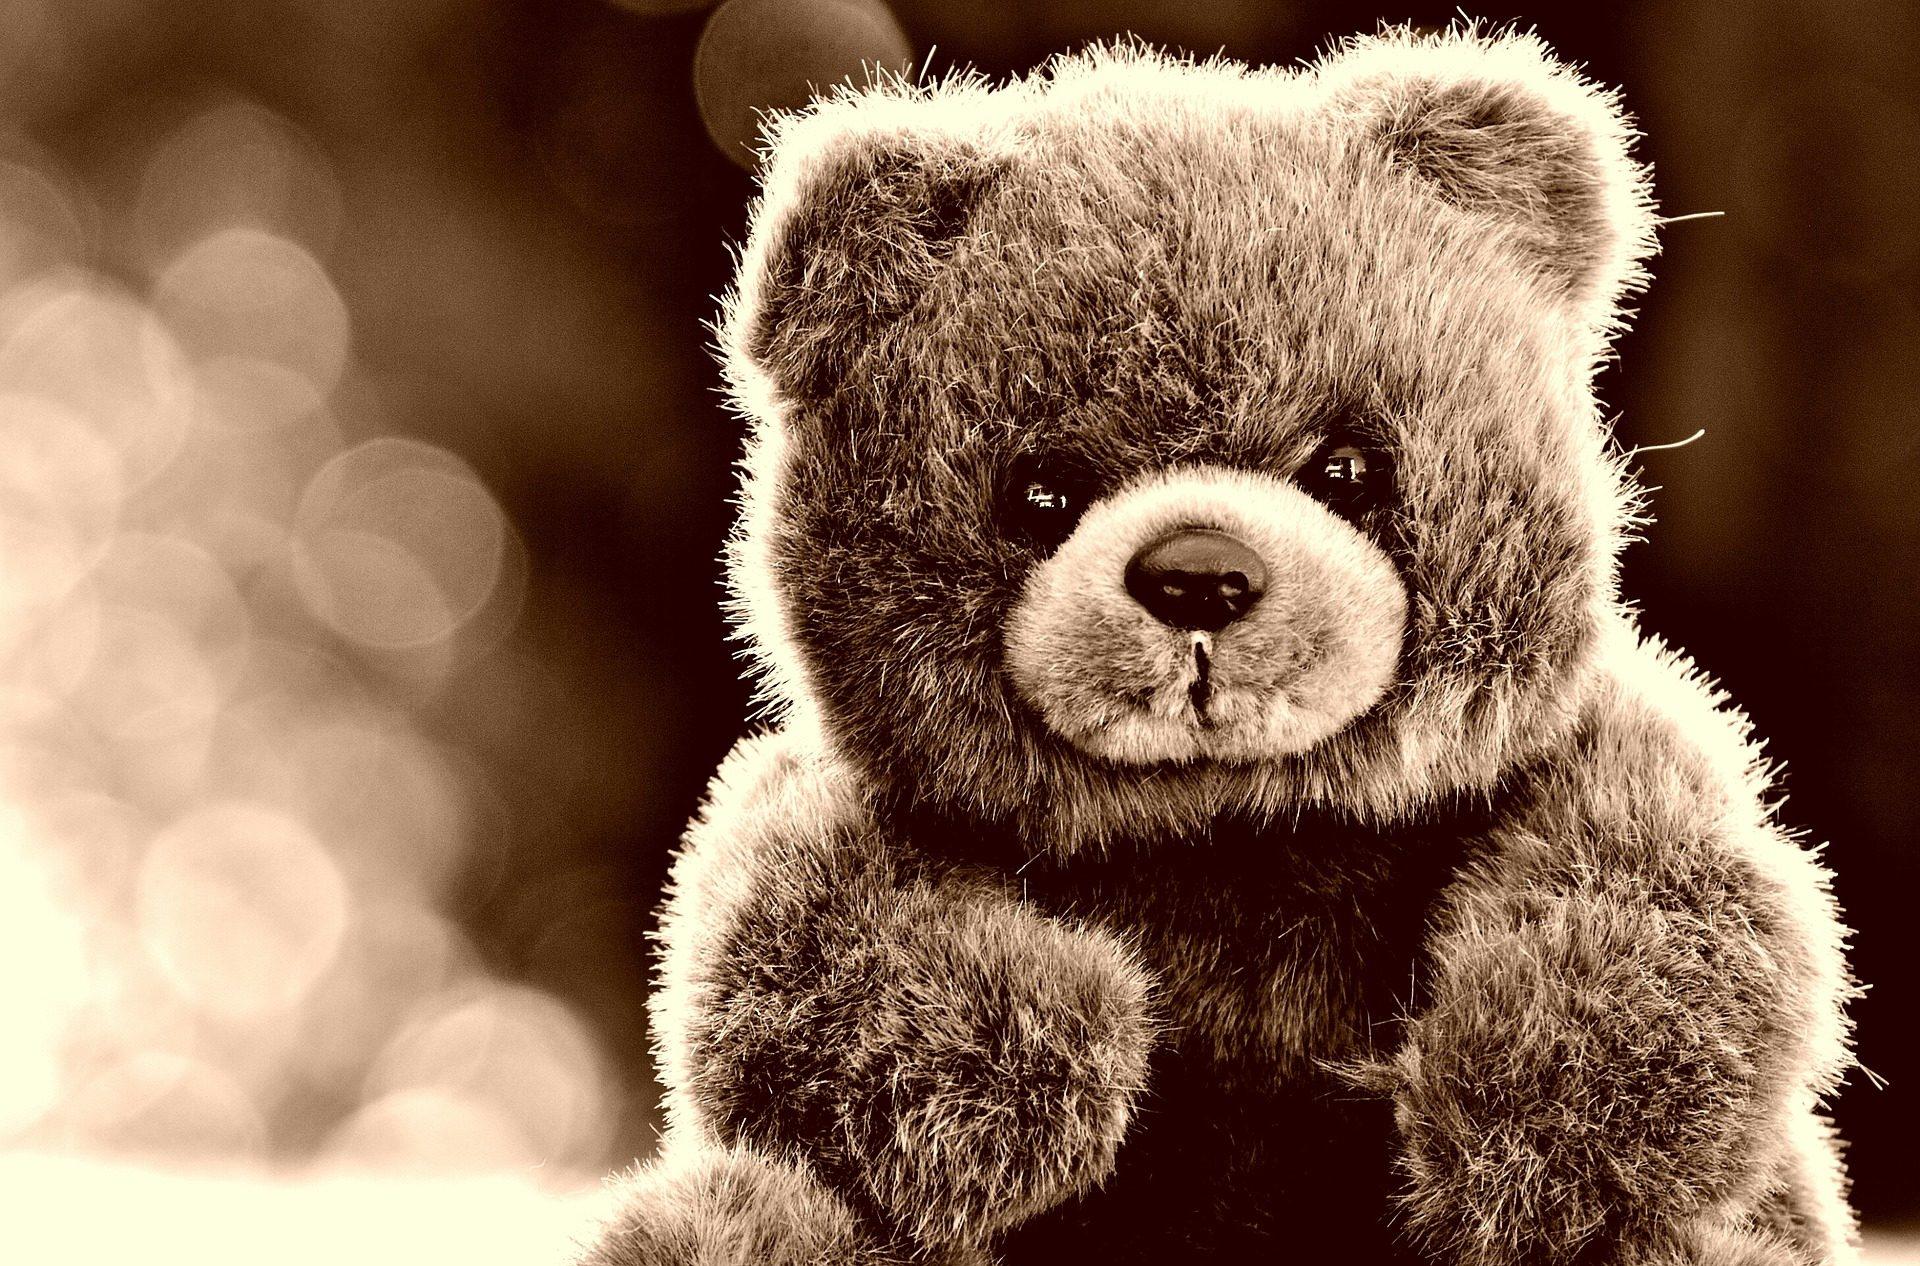 urso, Teddy, Brinquedo, cabelos, sépia - Papéis de parede HD - Professor-falken.com